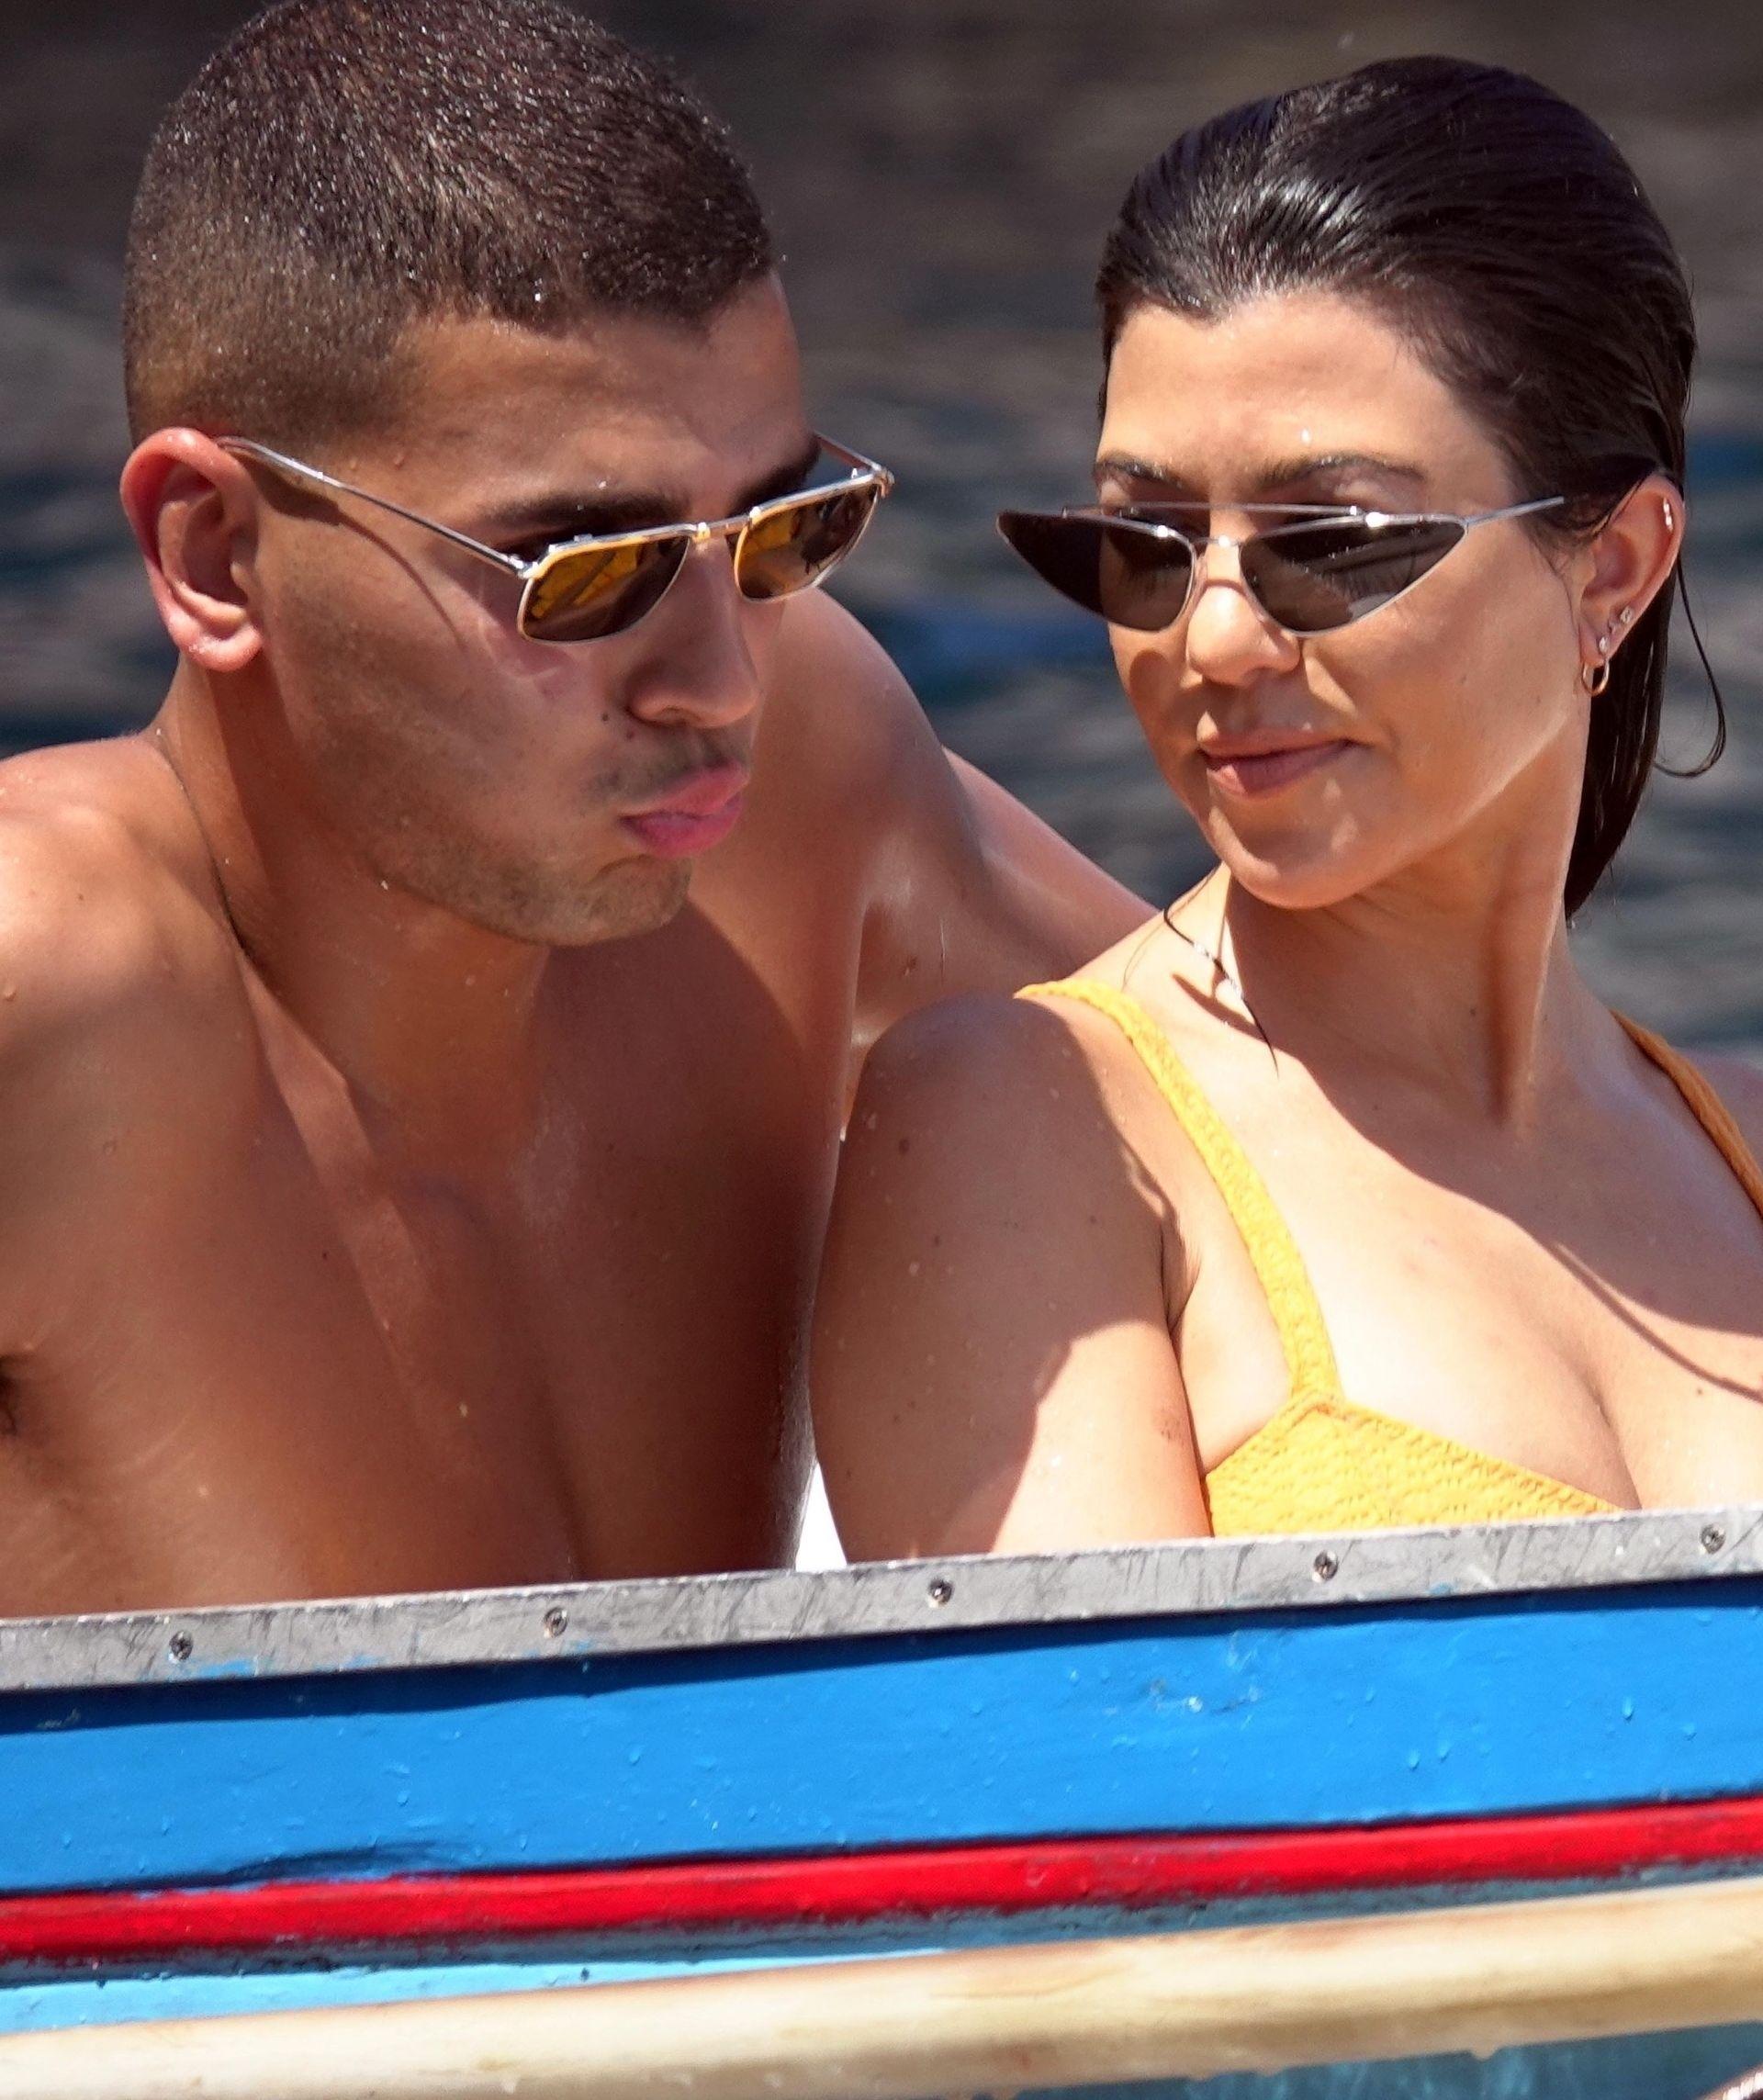 Seksowne POŚLADKI Kourtney Kardashian na wakacjach z Younesem (ZDJĘCIA)